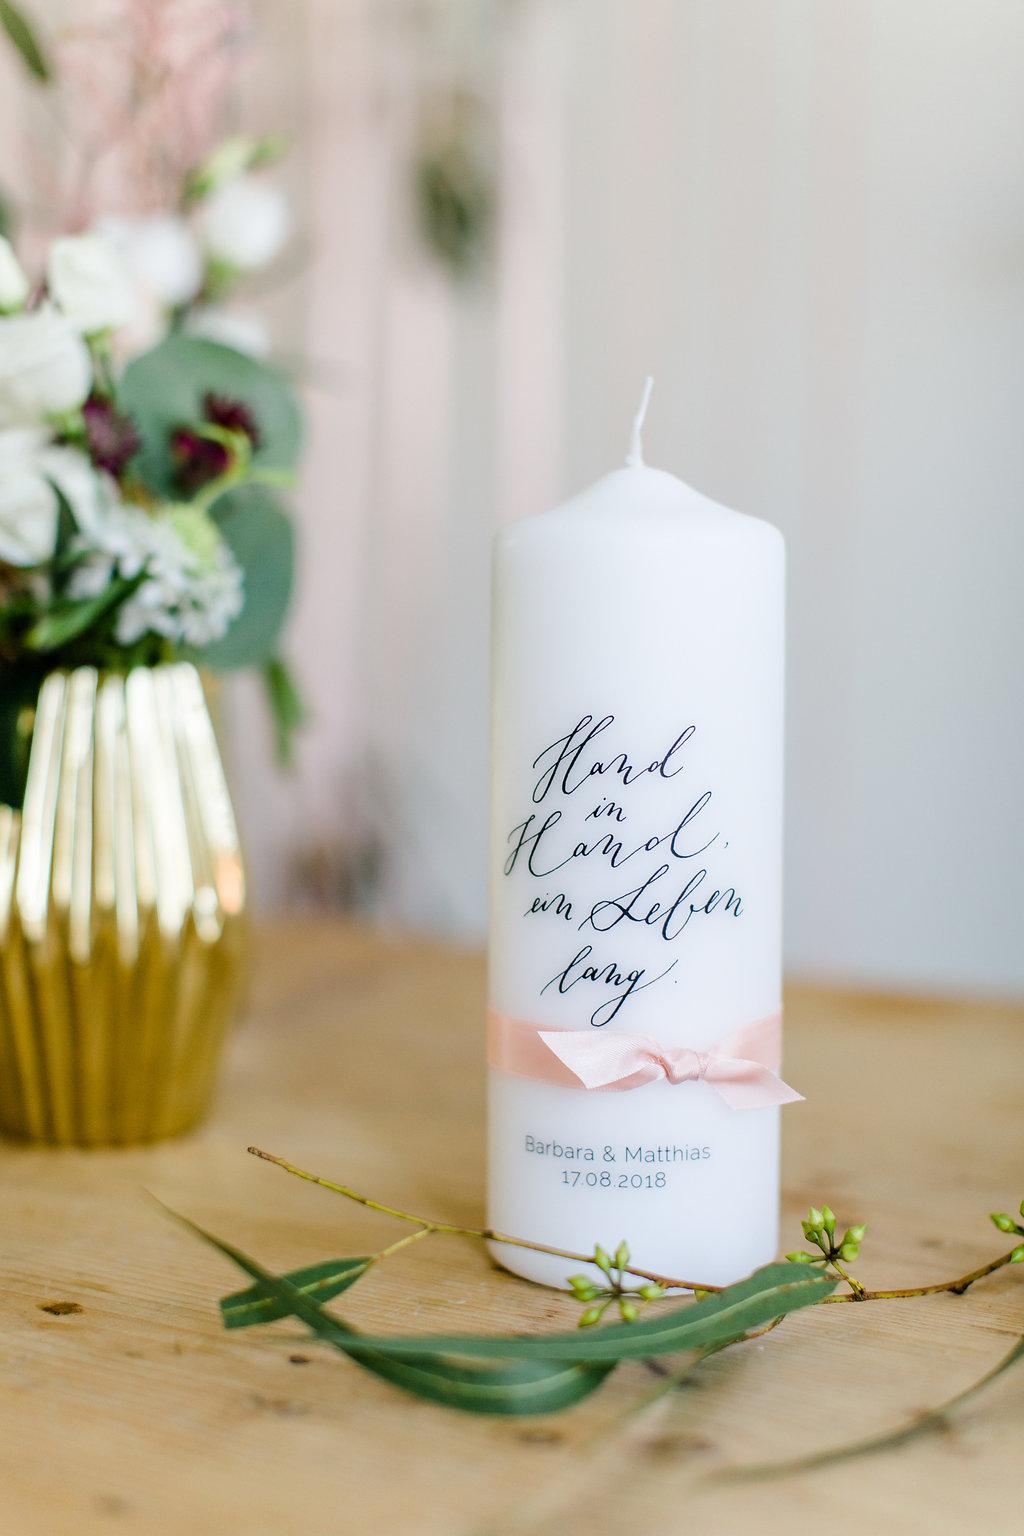 Hochzeitskerze schlicht elegant, Hochzeitskerze nicht kitschig, Traukerze personalisiert, Traukerze modern, Hochzeitskerze modern, personalisierte Hochzeitskerze